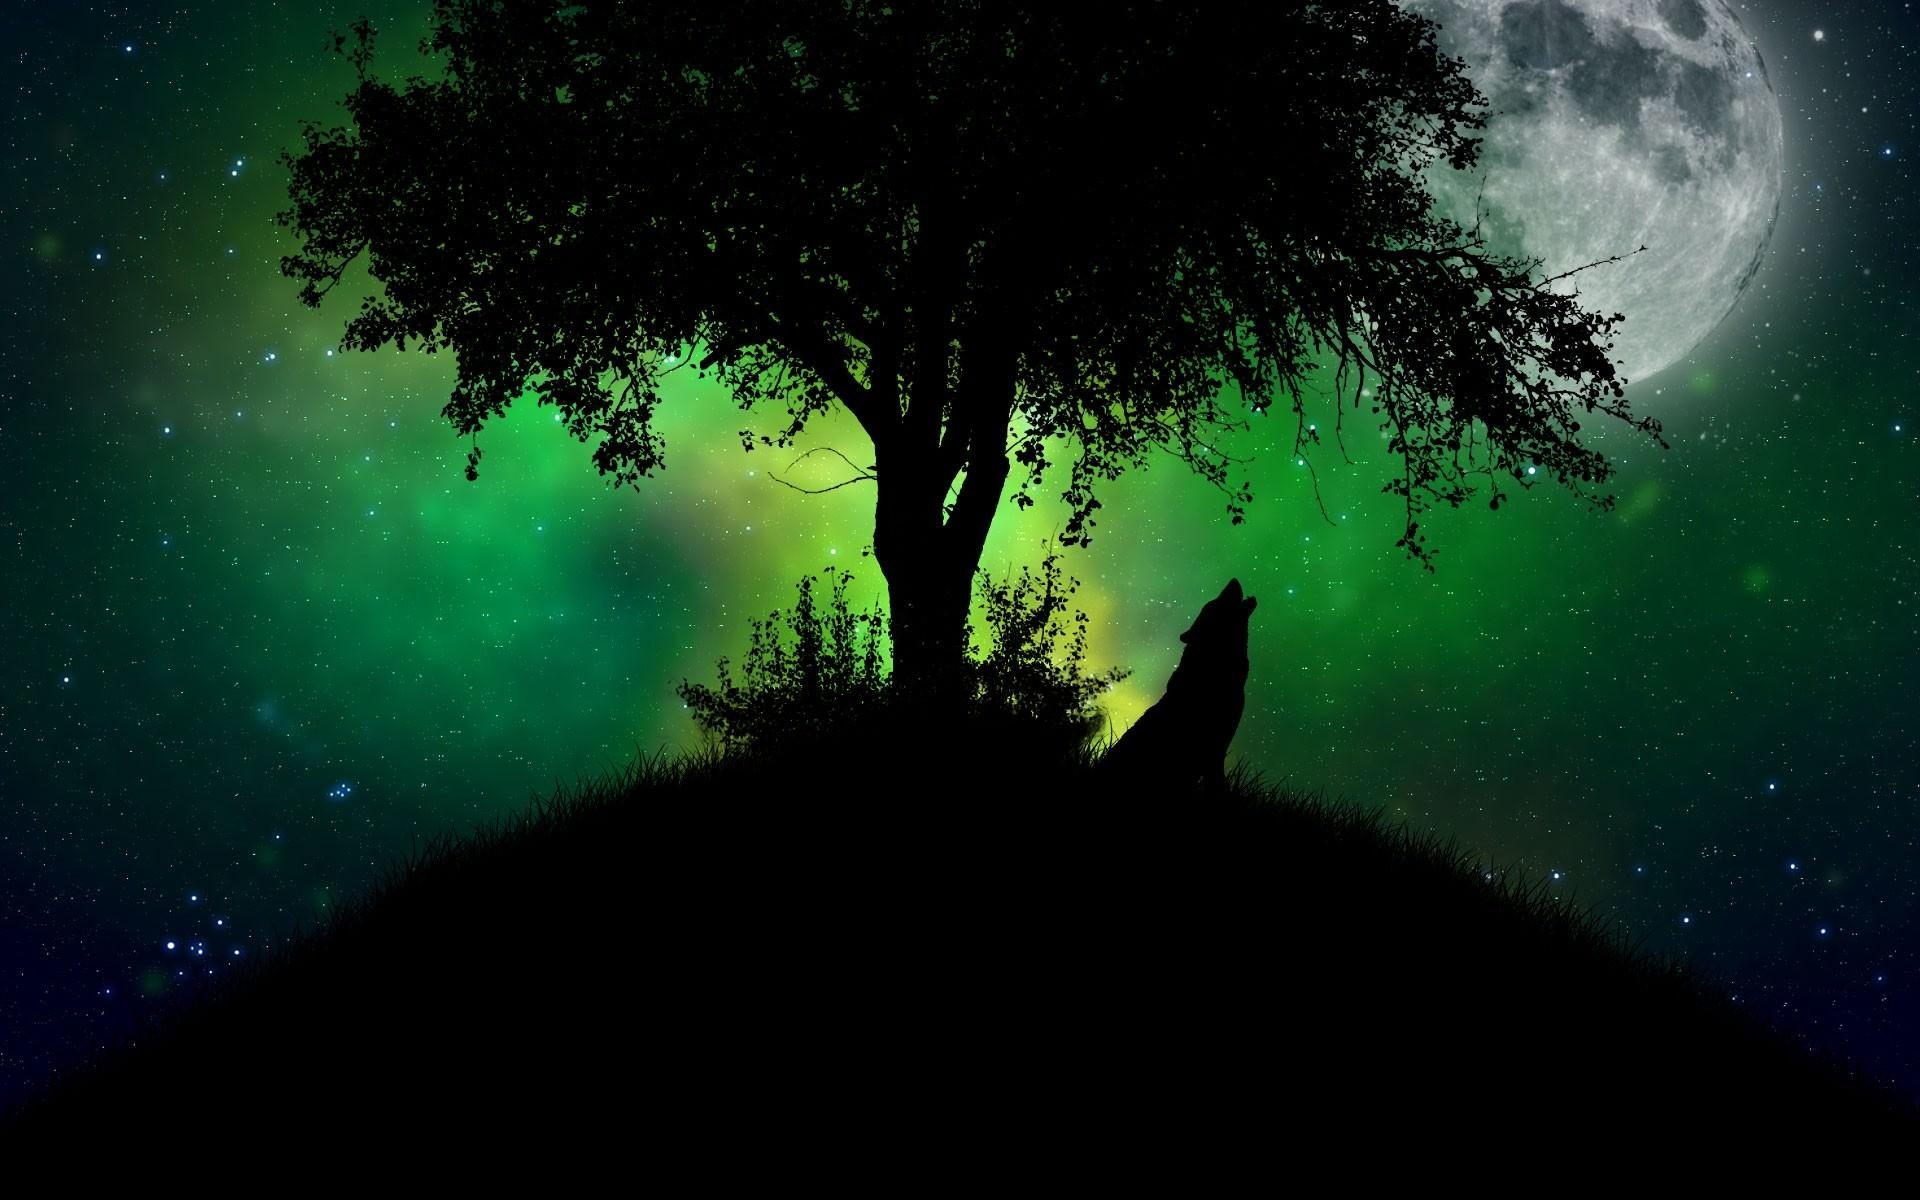 Wolf Sound in Dark Night Wallpaper